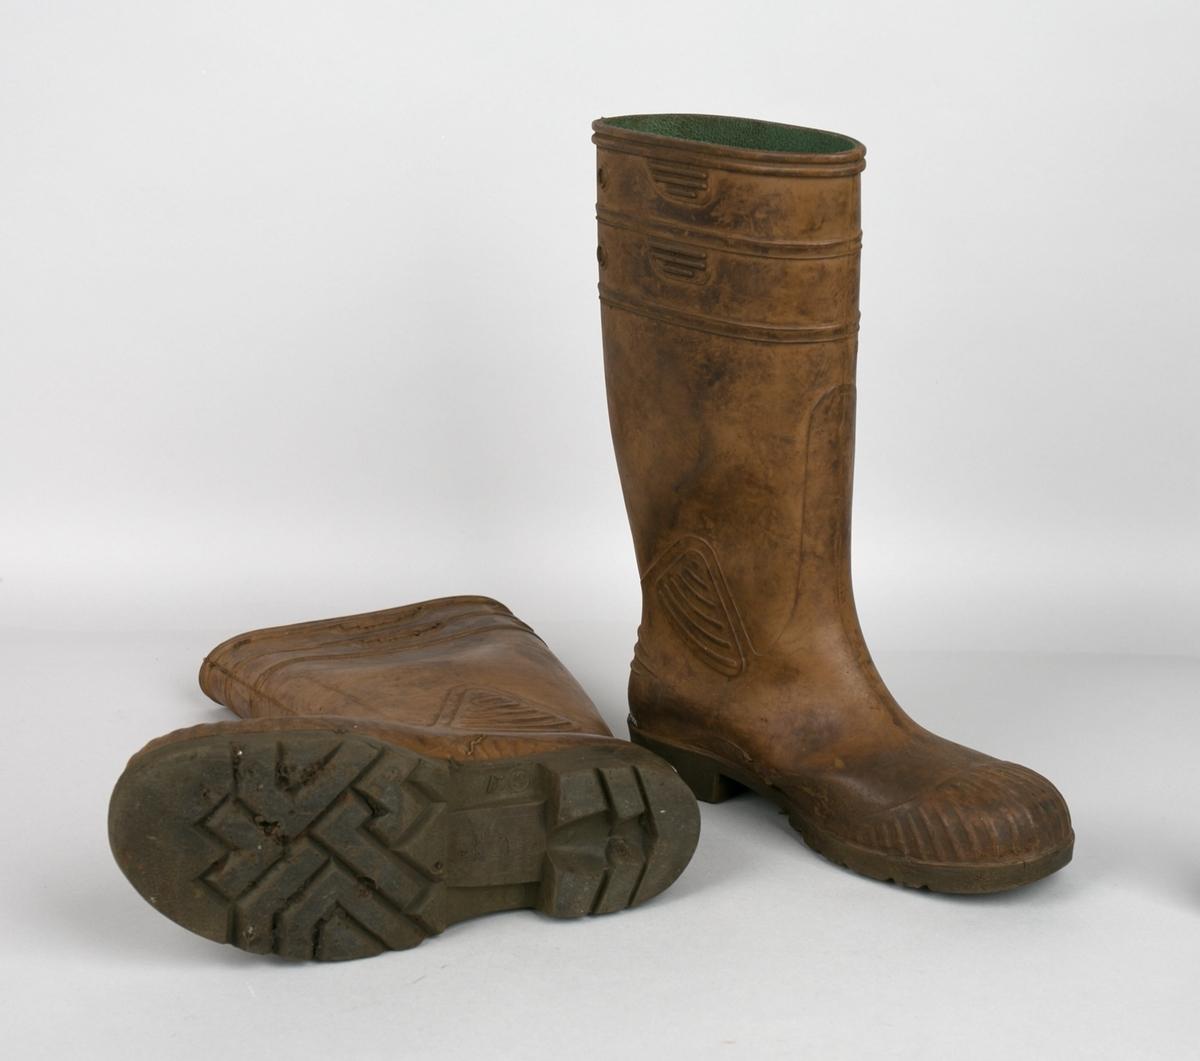 Vernestøvler. Ett par høye gummistøvler str. 9 (43). Utvendig er støvlene av gummi med vernebeskyttelse i tåparti.